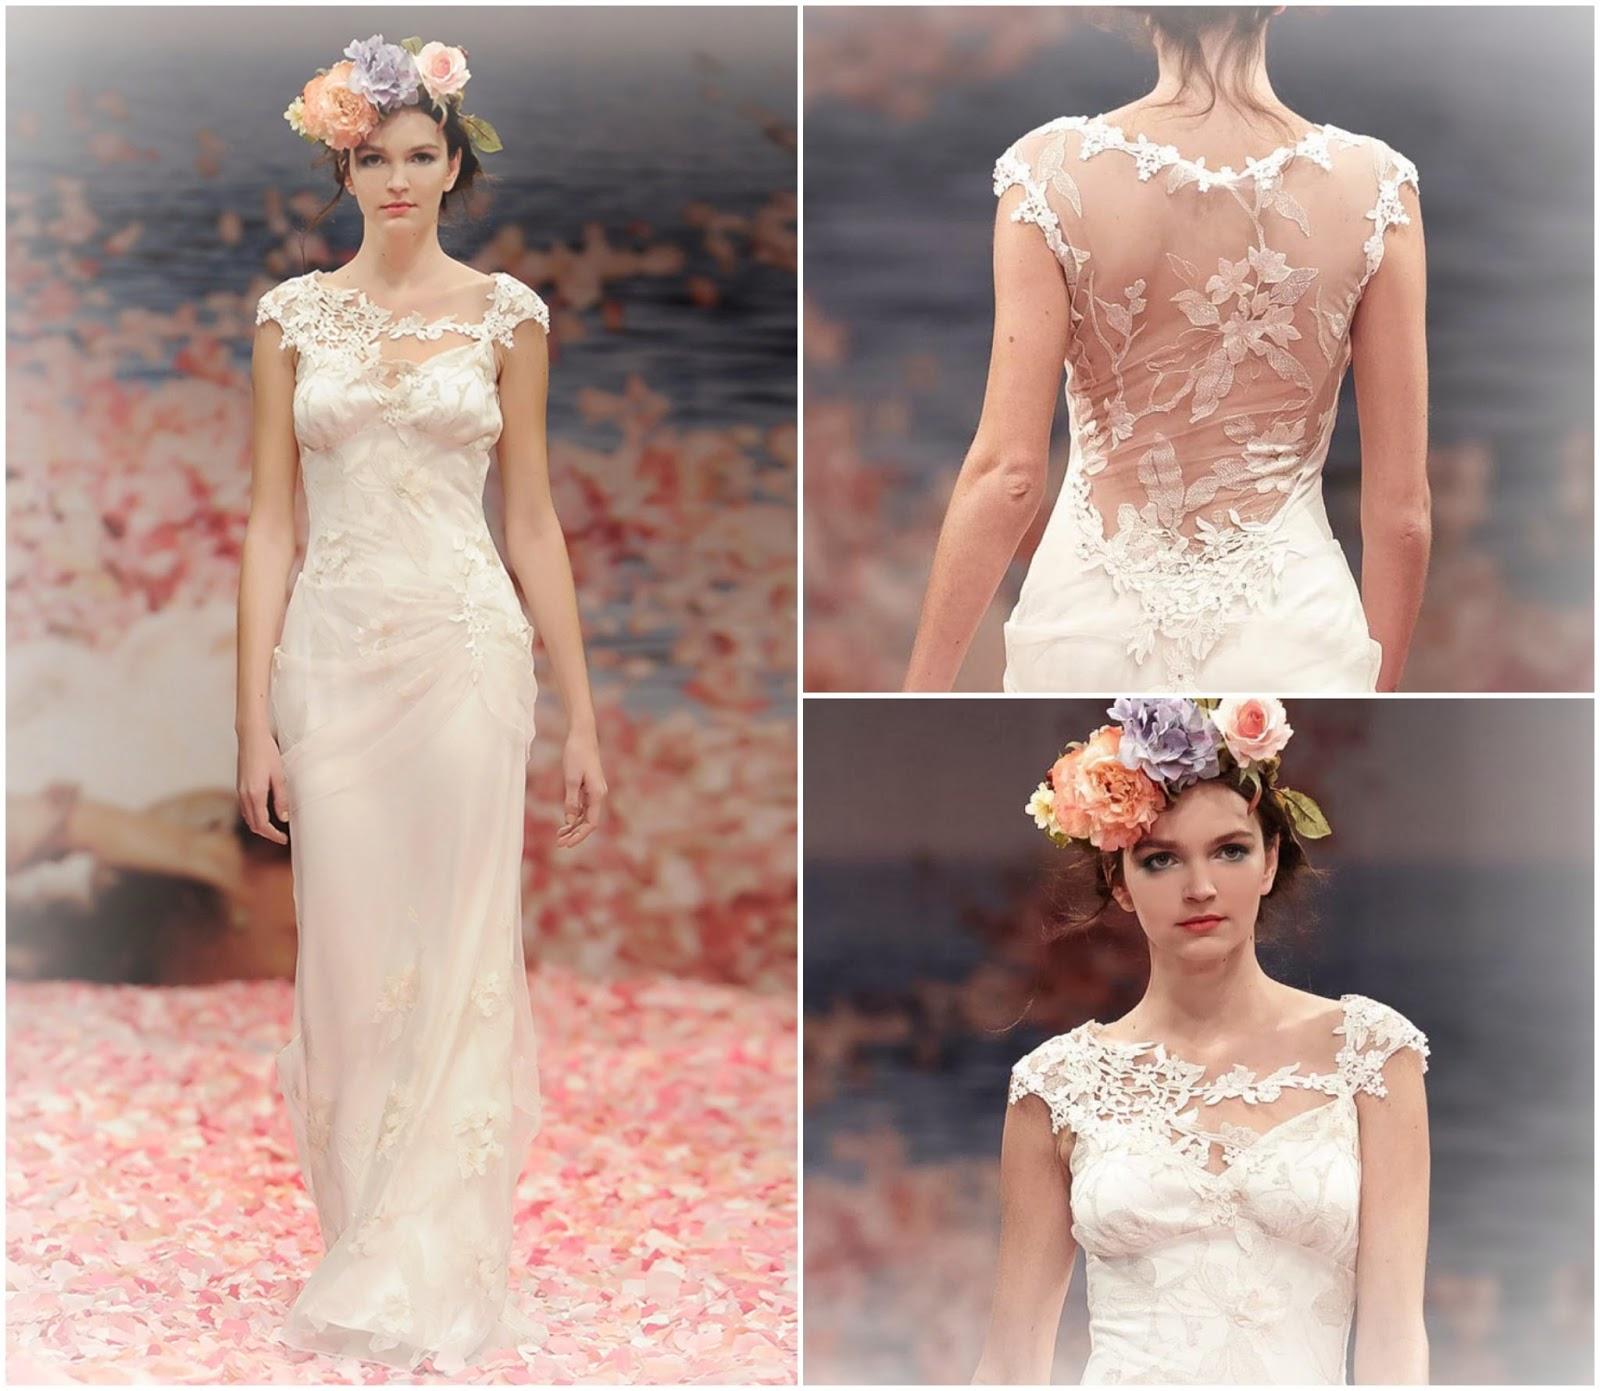 ... abito da sposa non appena l ho visto  il ricamo floreale che incornicia  spalle e schiena 6153c6a74d0